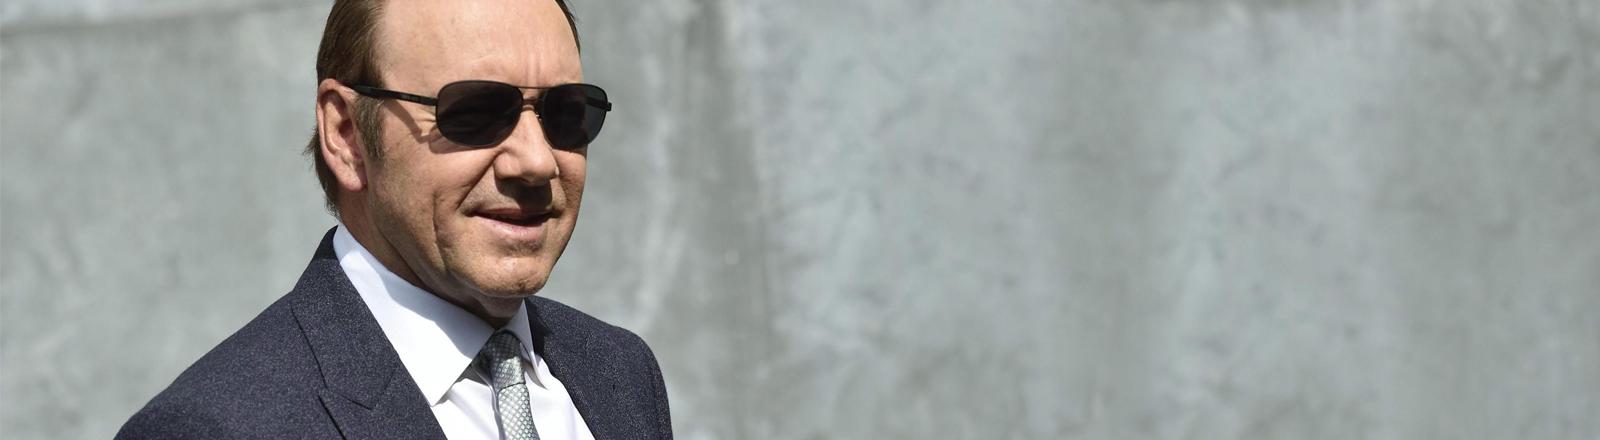 Kevin Spacey mit Sonnenbrille